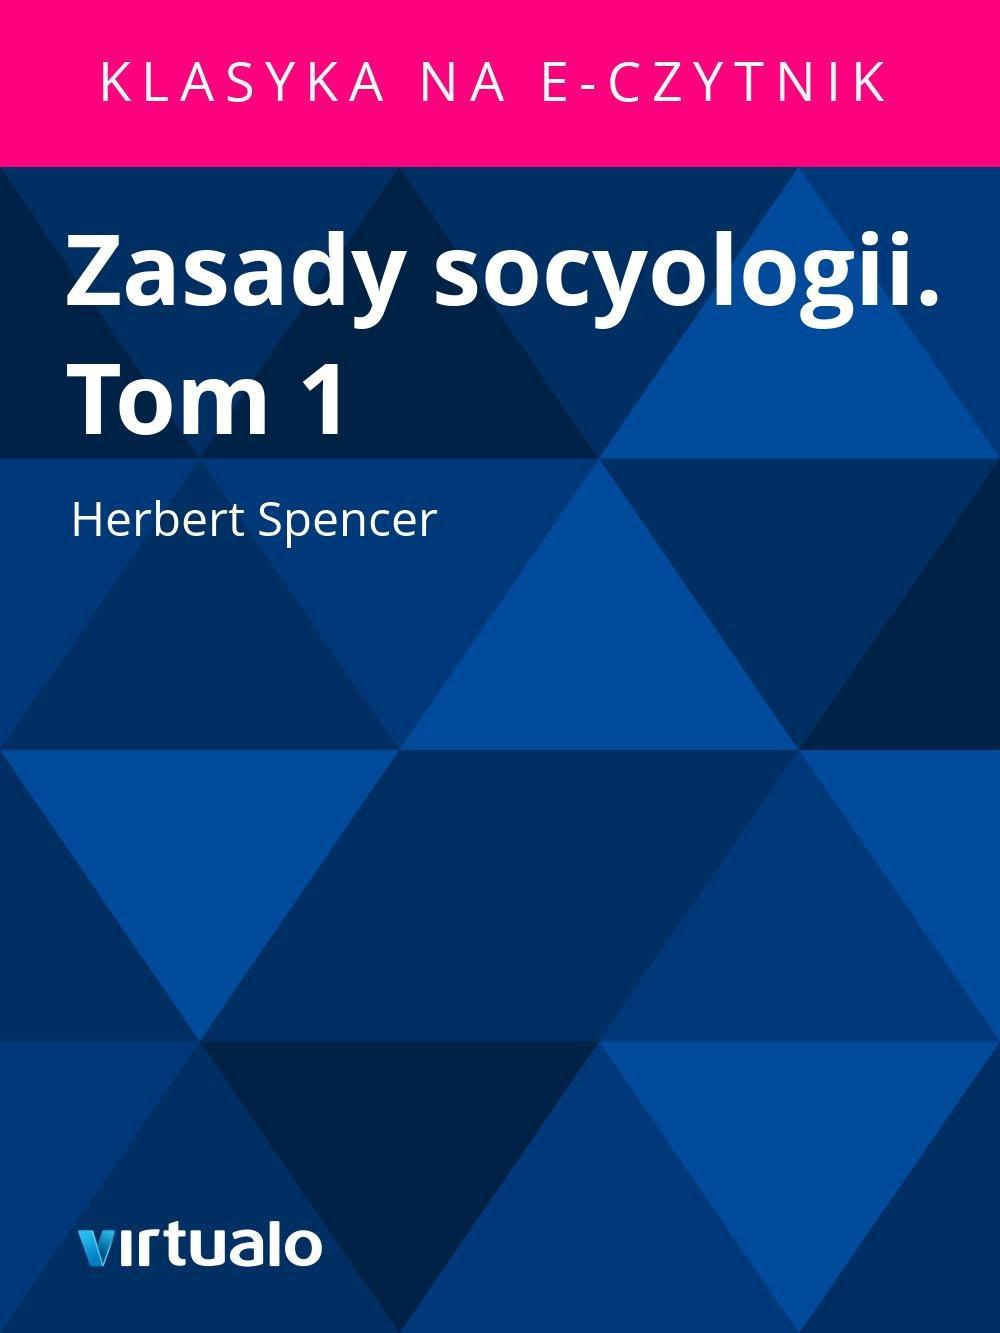 Zasady socyologii. Tom 1 - Ebook (Książka EPUB) do pobrania w formacie EPUB